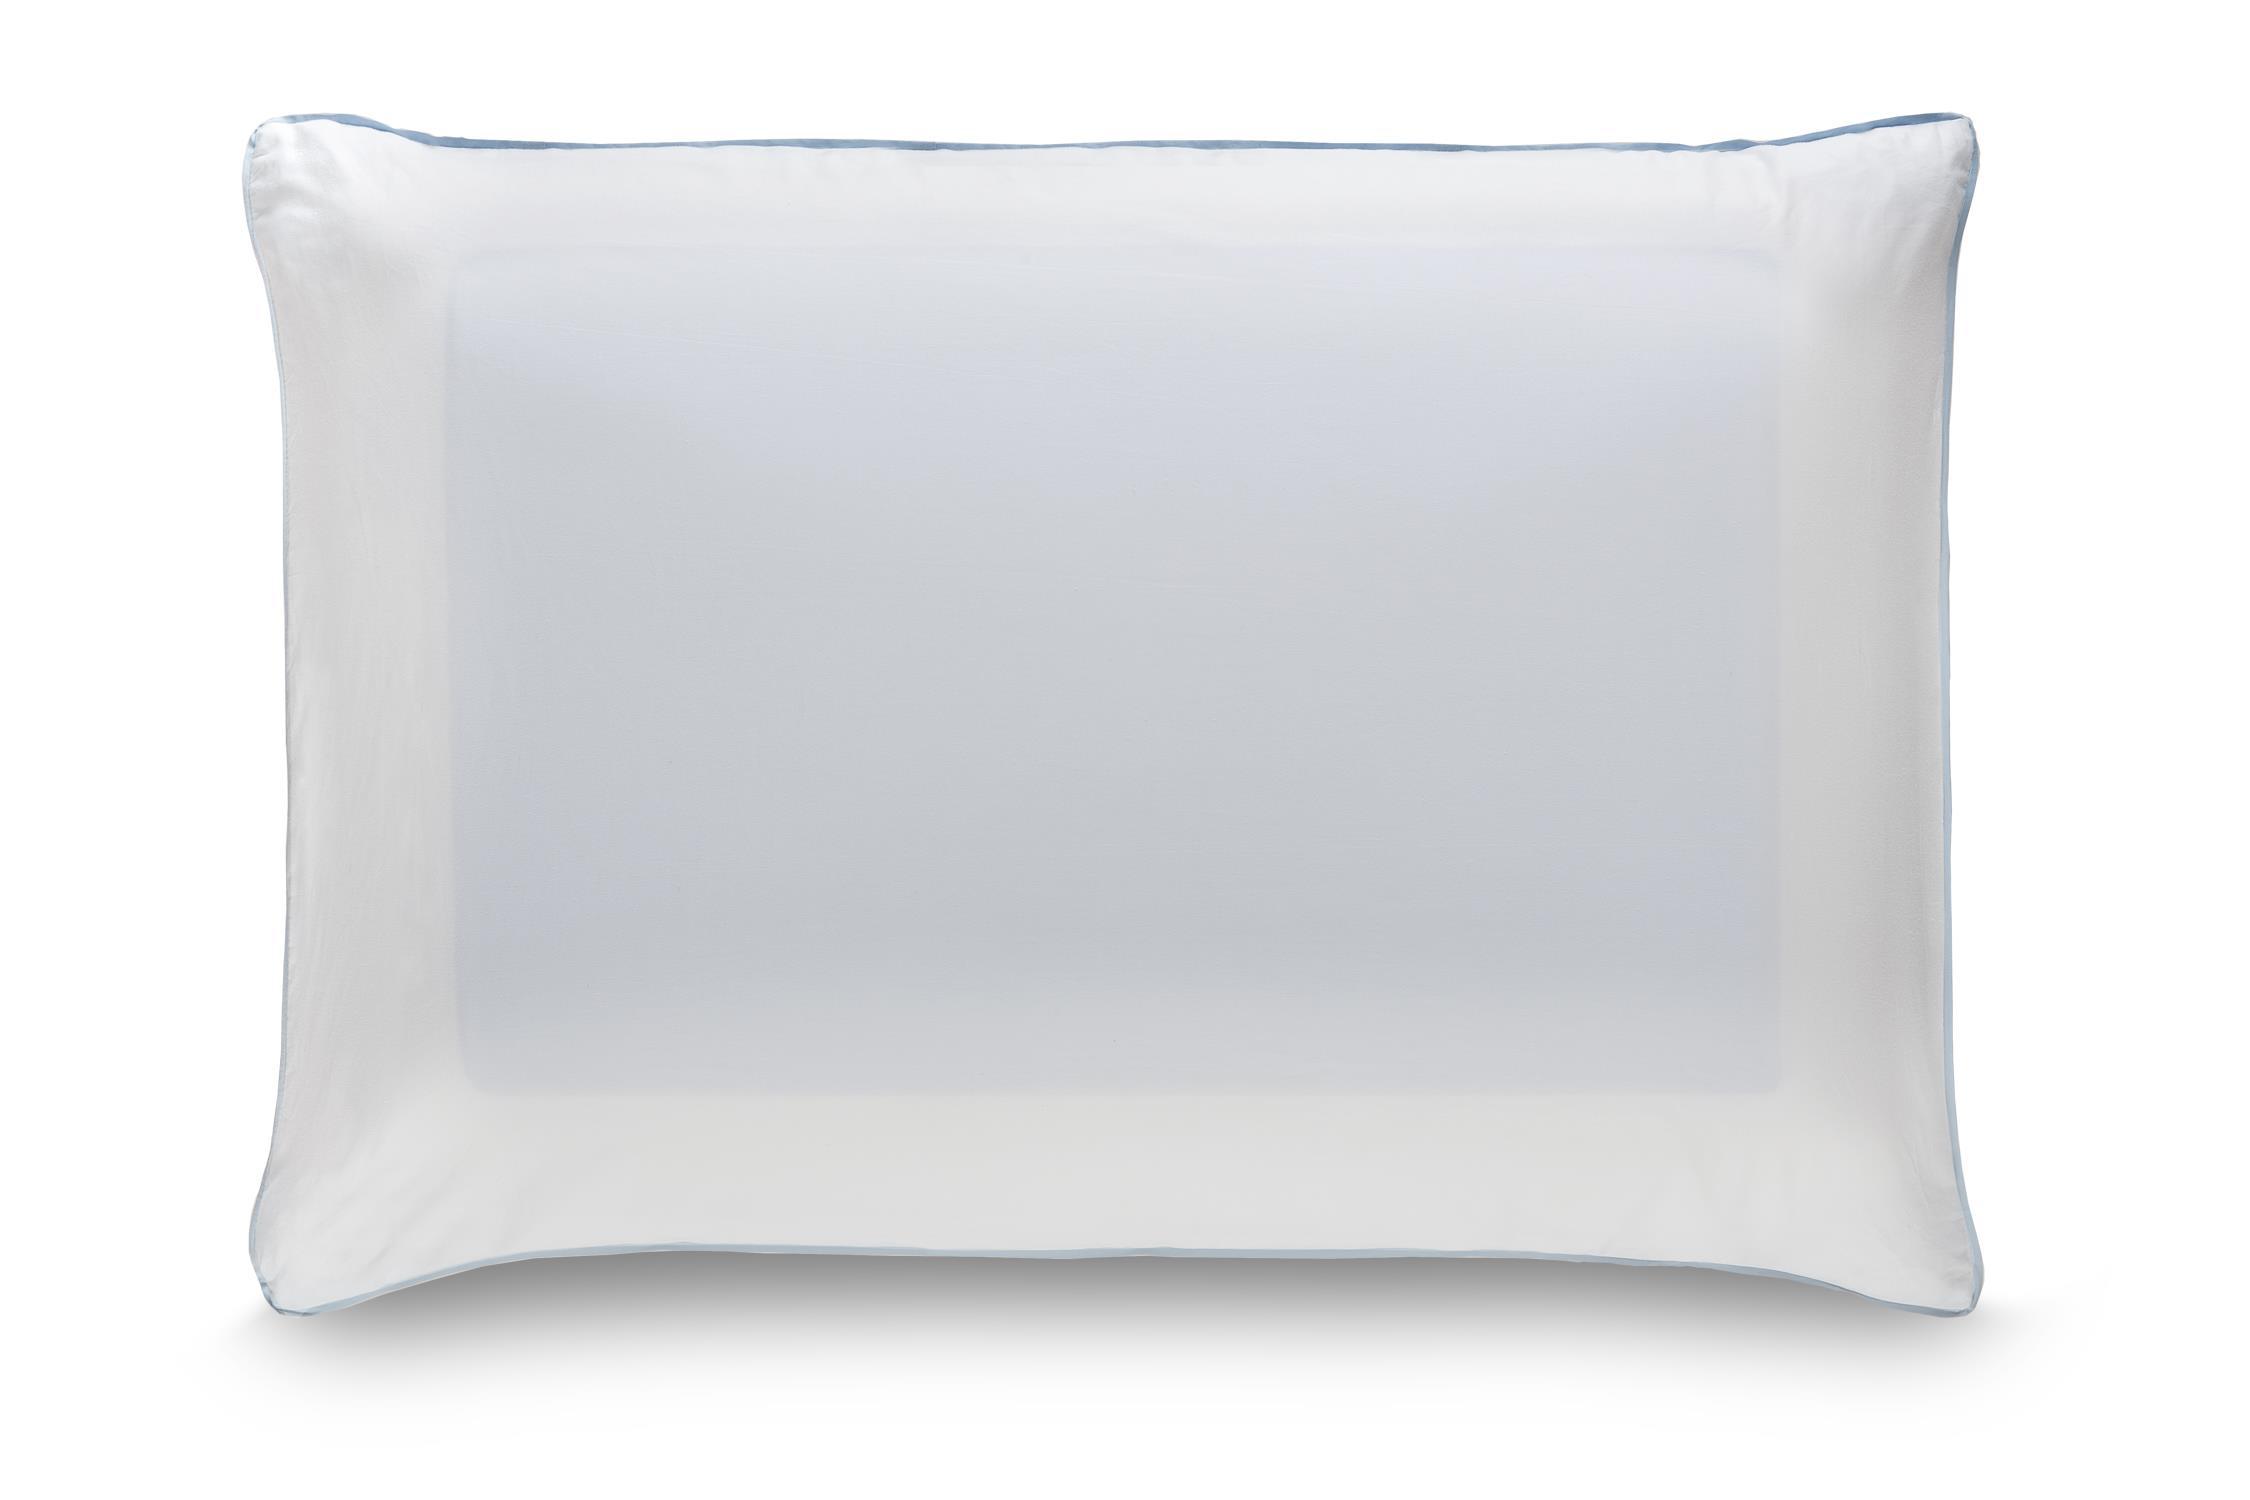 Tempur-Pedic Queen Cloud Breeze Pillow